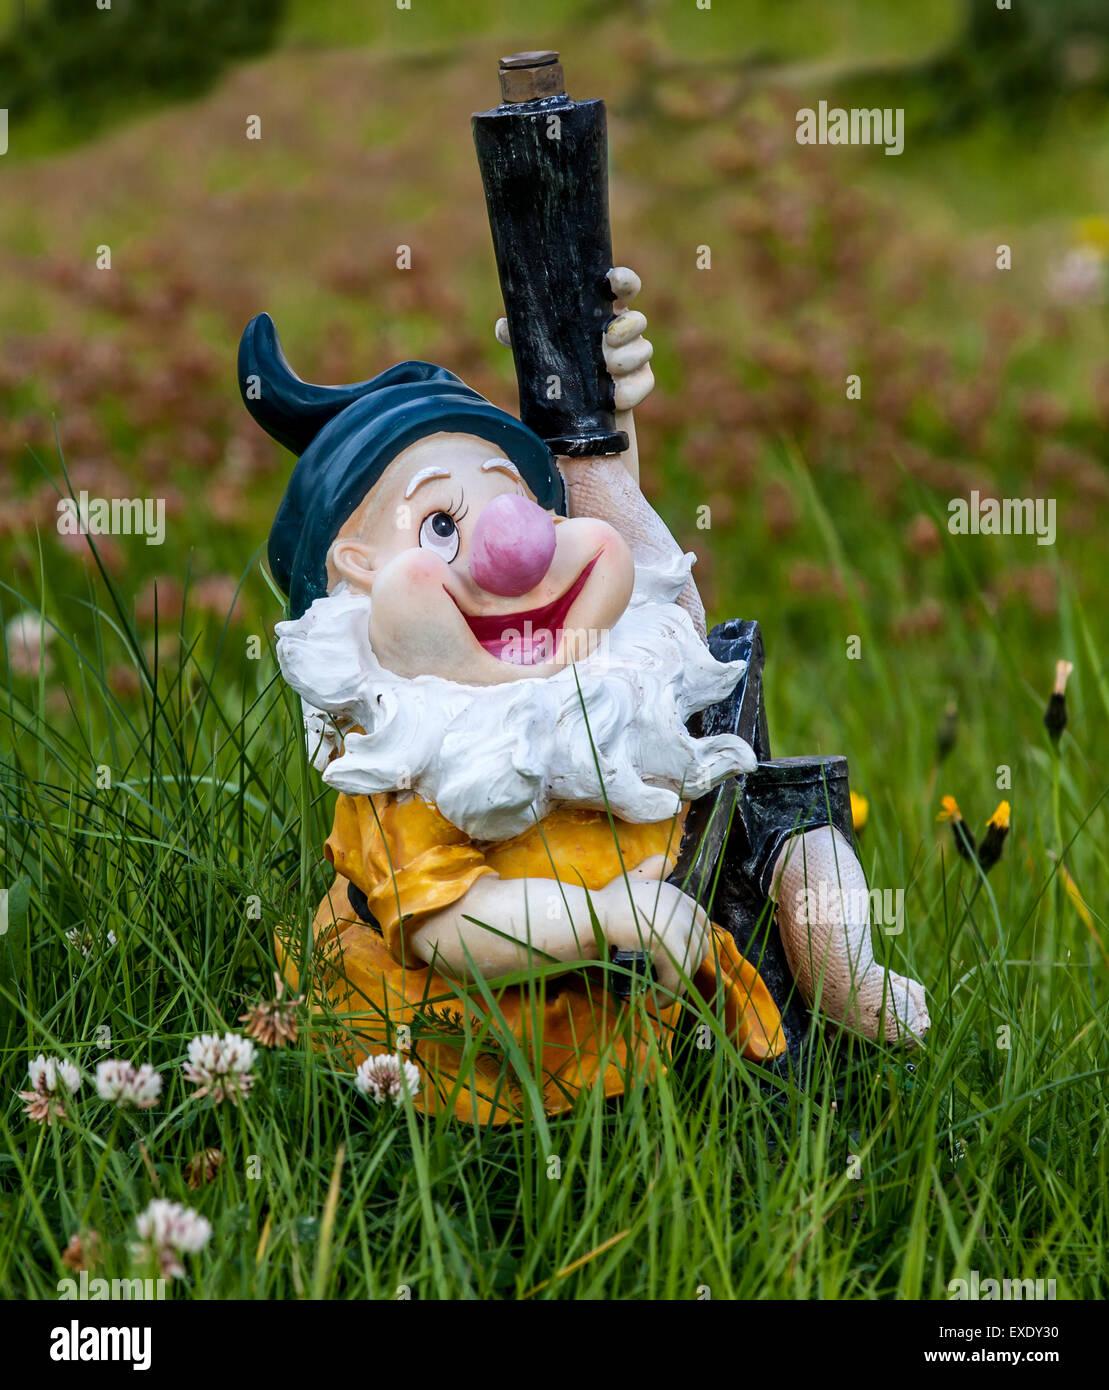 Nain rigolo dans le jardin Banque D\'Images, Photo Stock ...